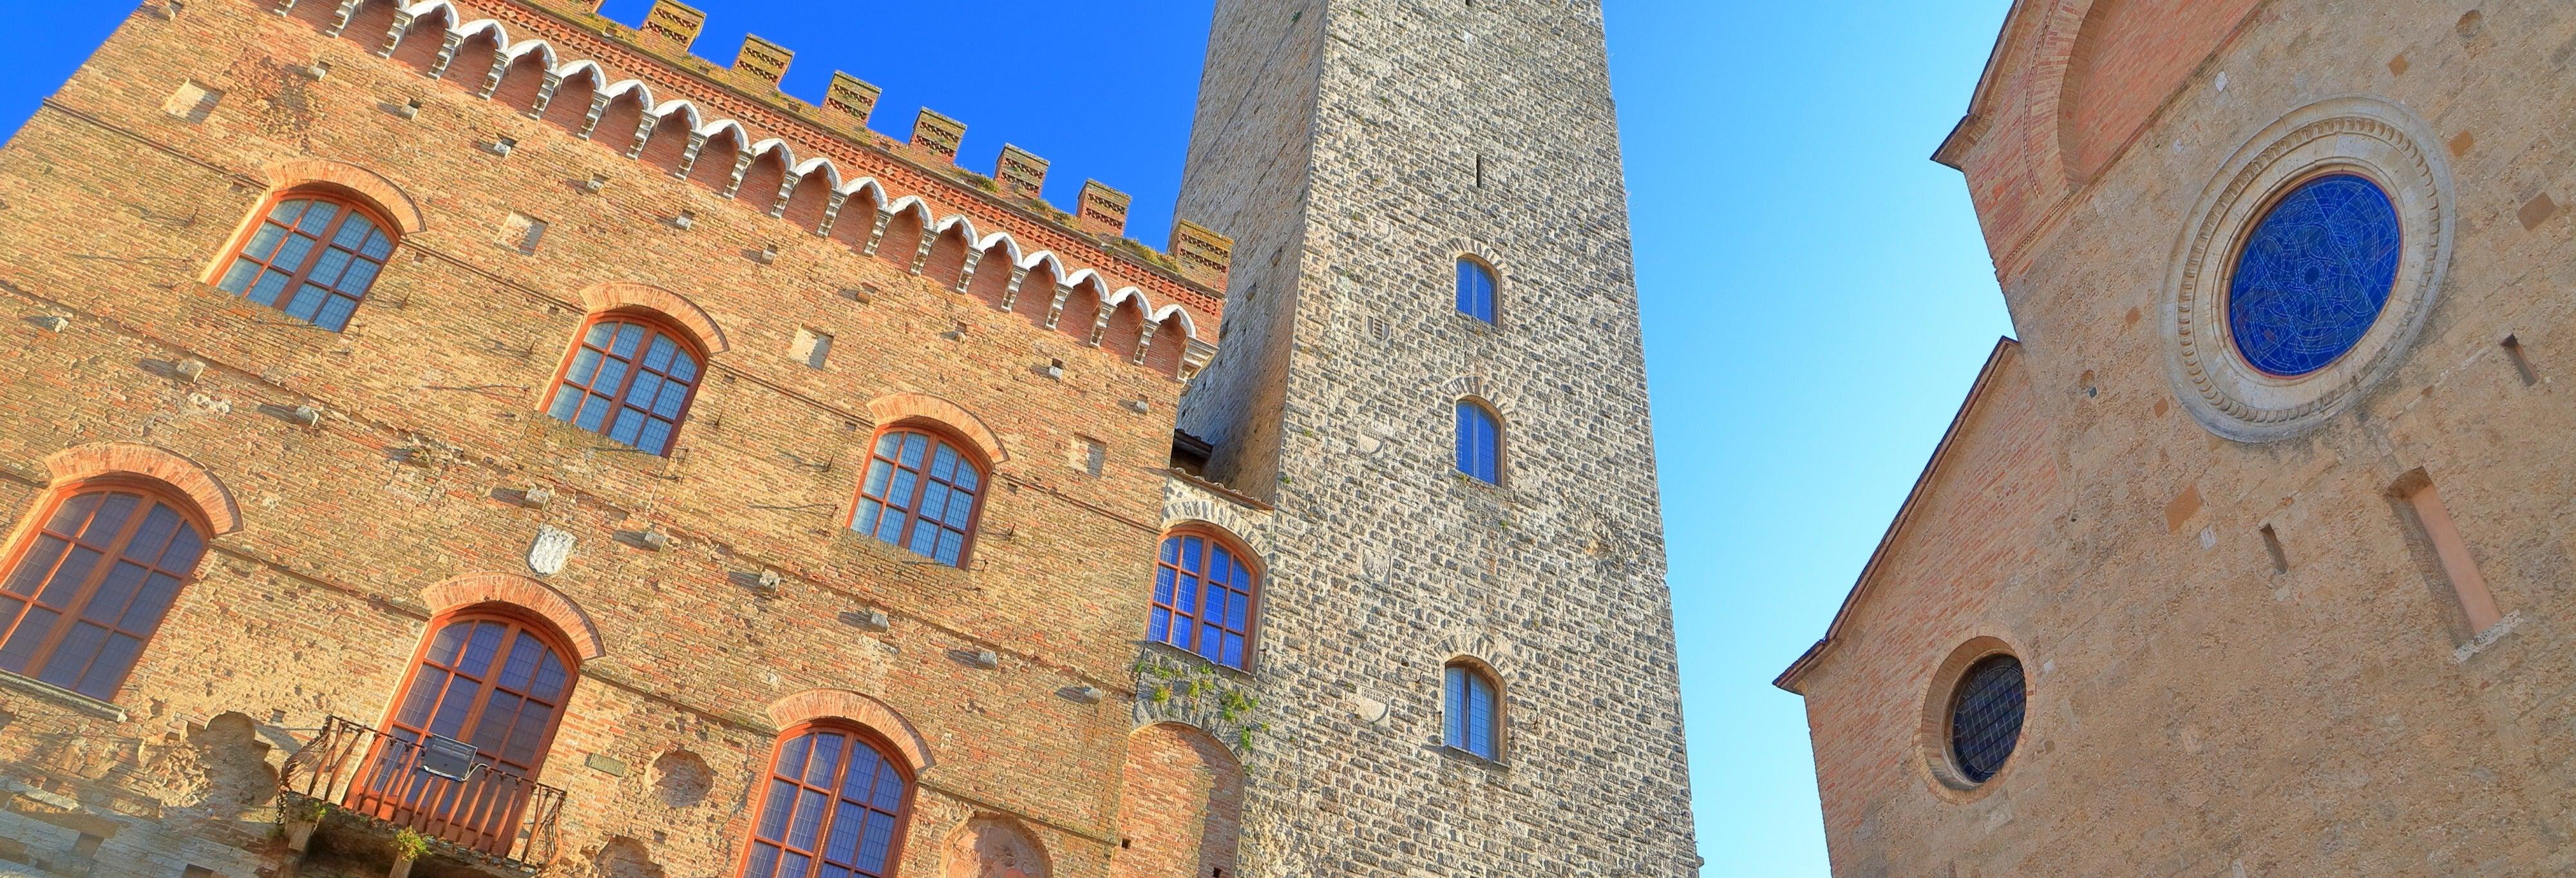 Tour privado por San Gimignano